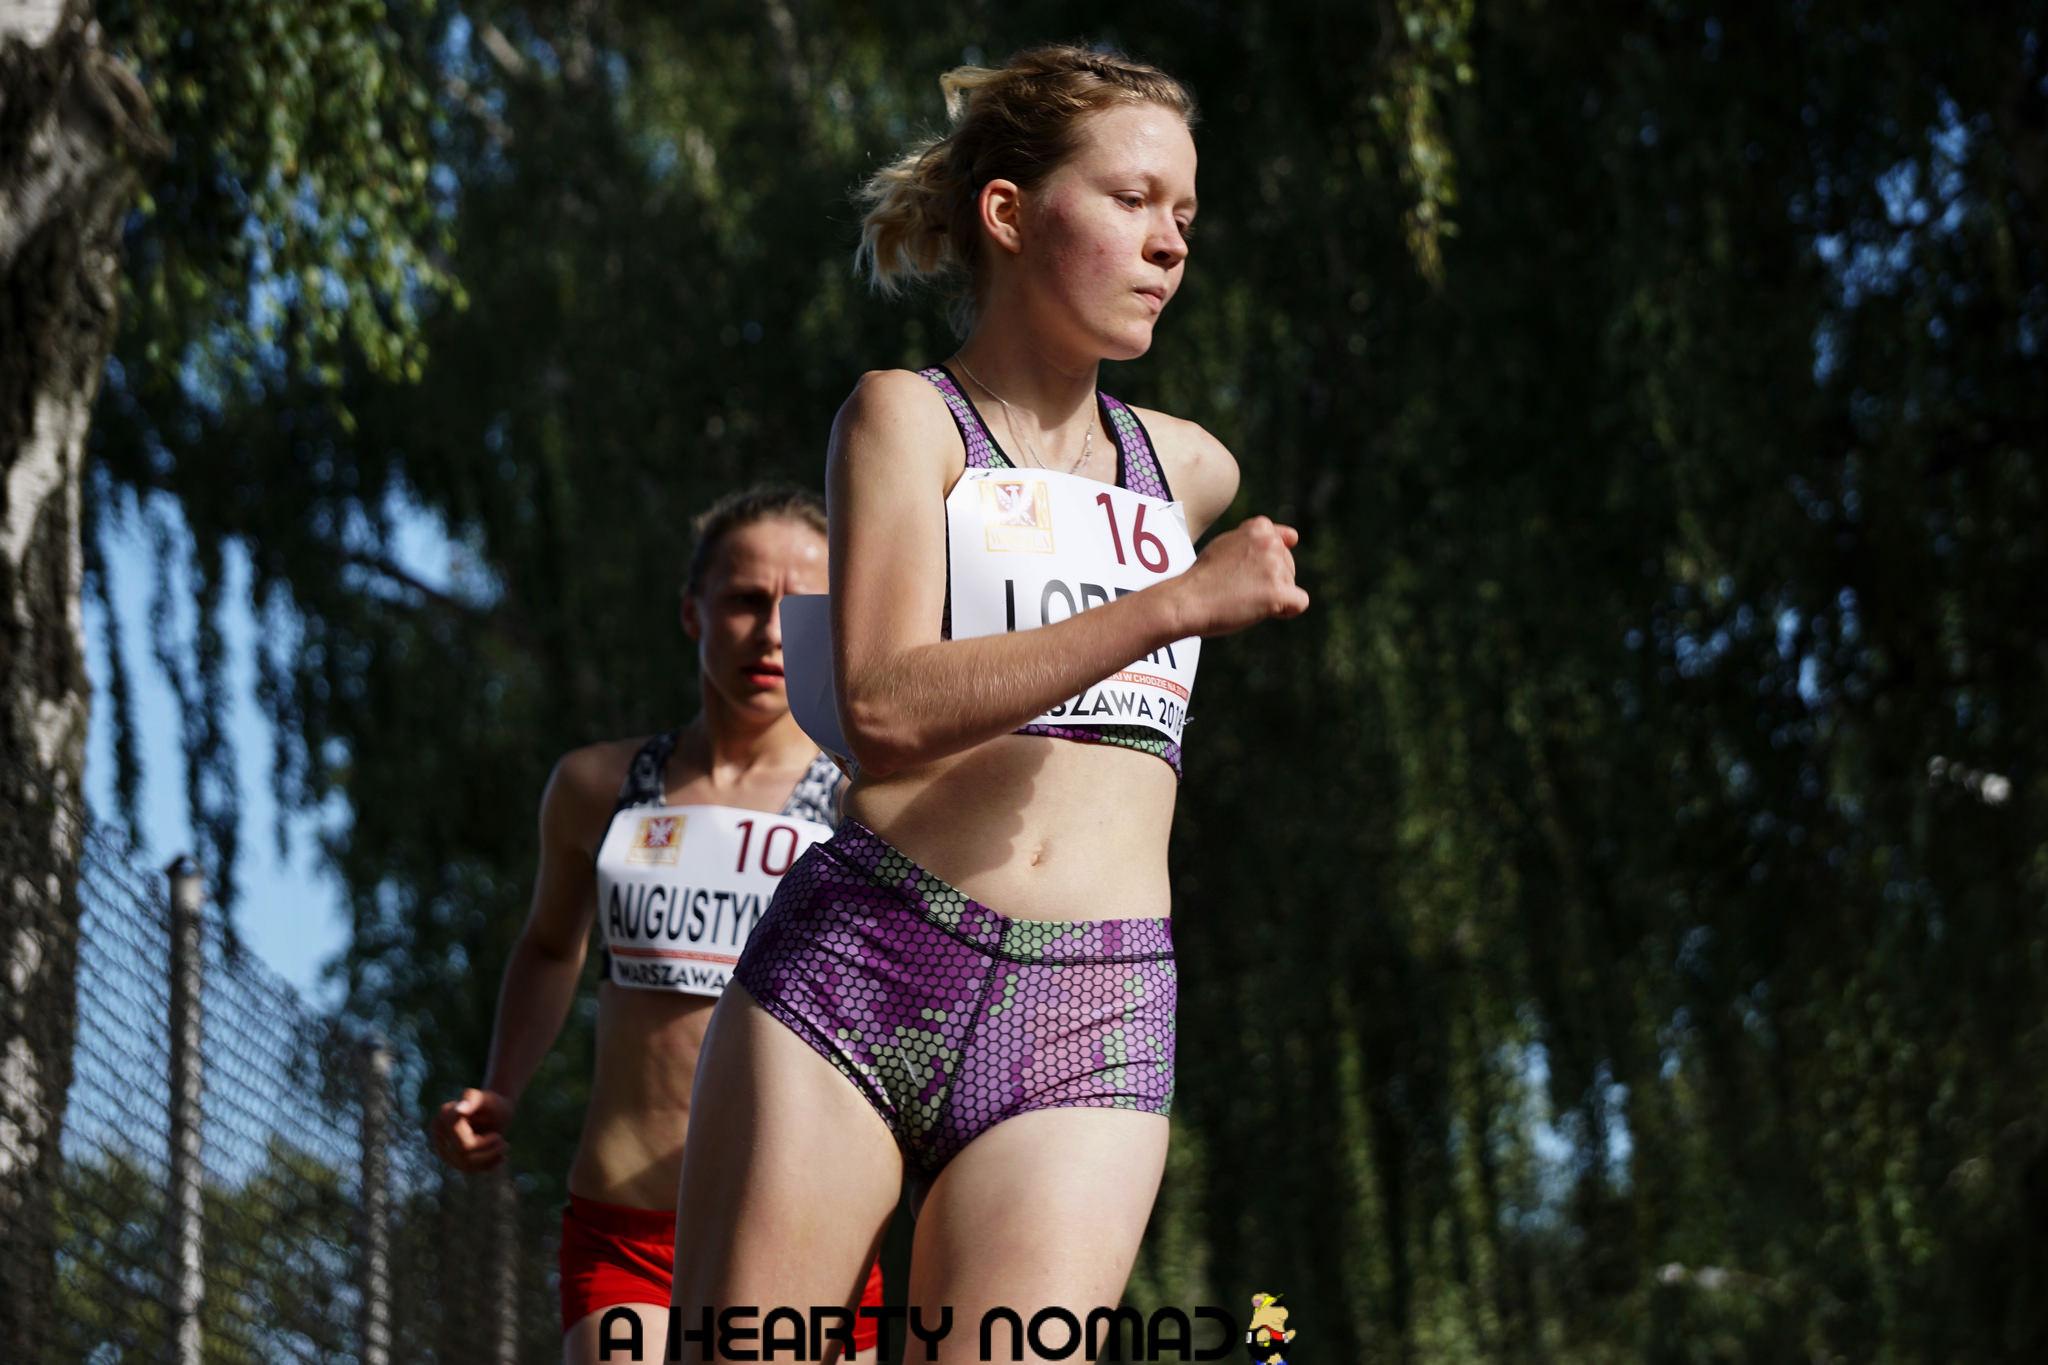 Antonina Lorek